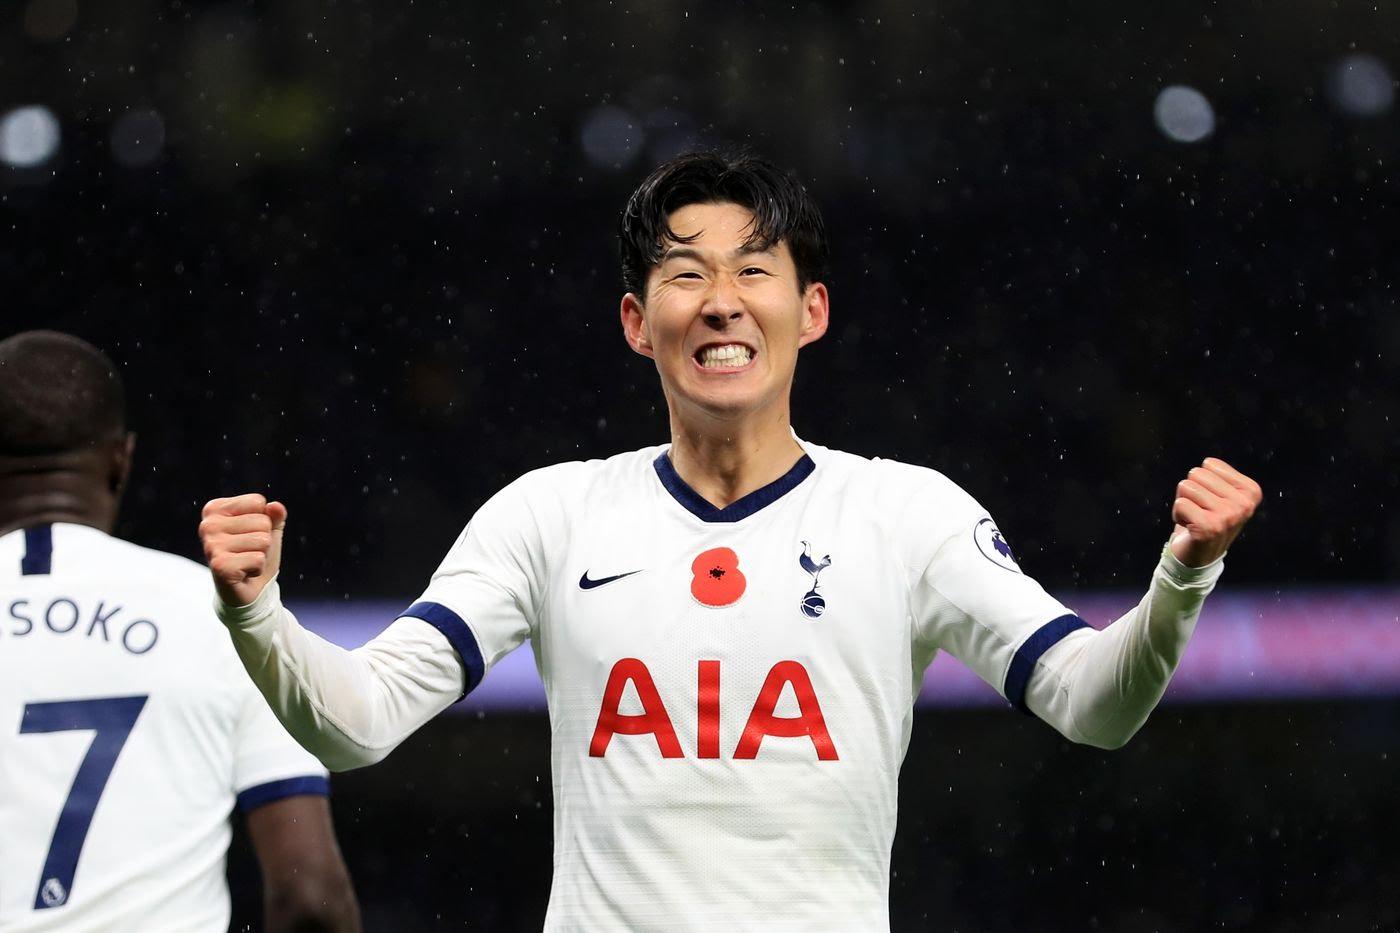 Suporter Liverpool mendorng Hon Seung-Min diambil daari Tottenham Hotspur. (Foto: sbnation.com)